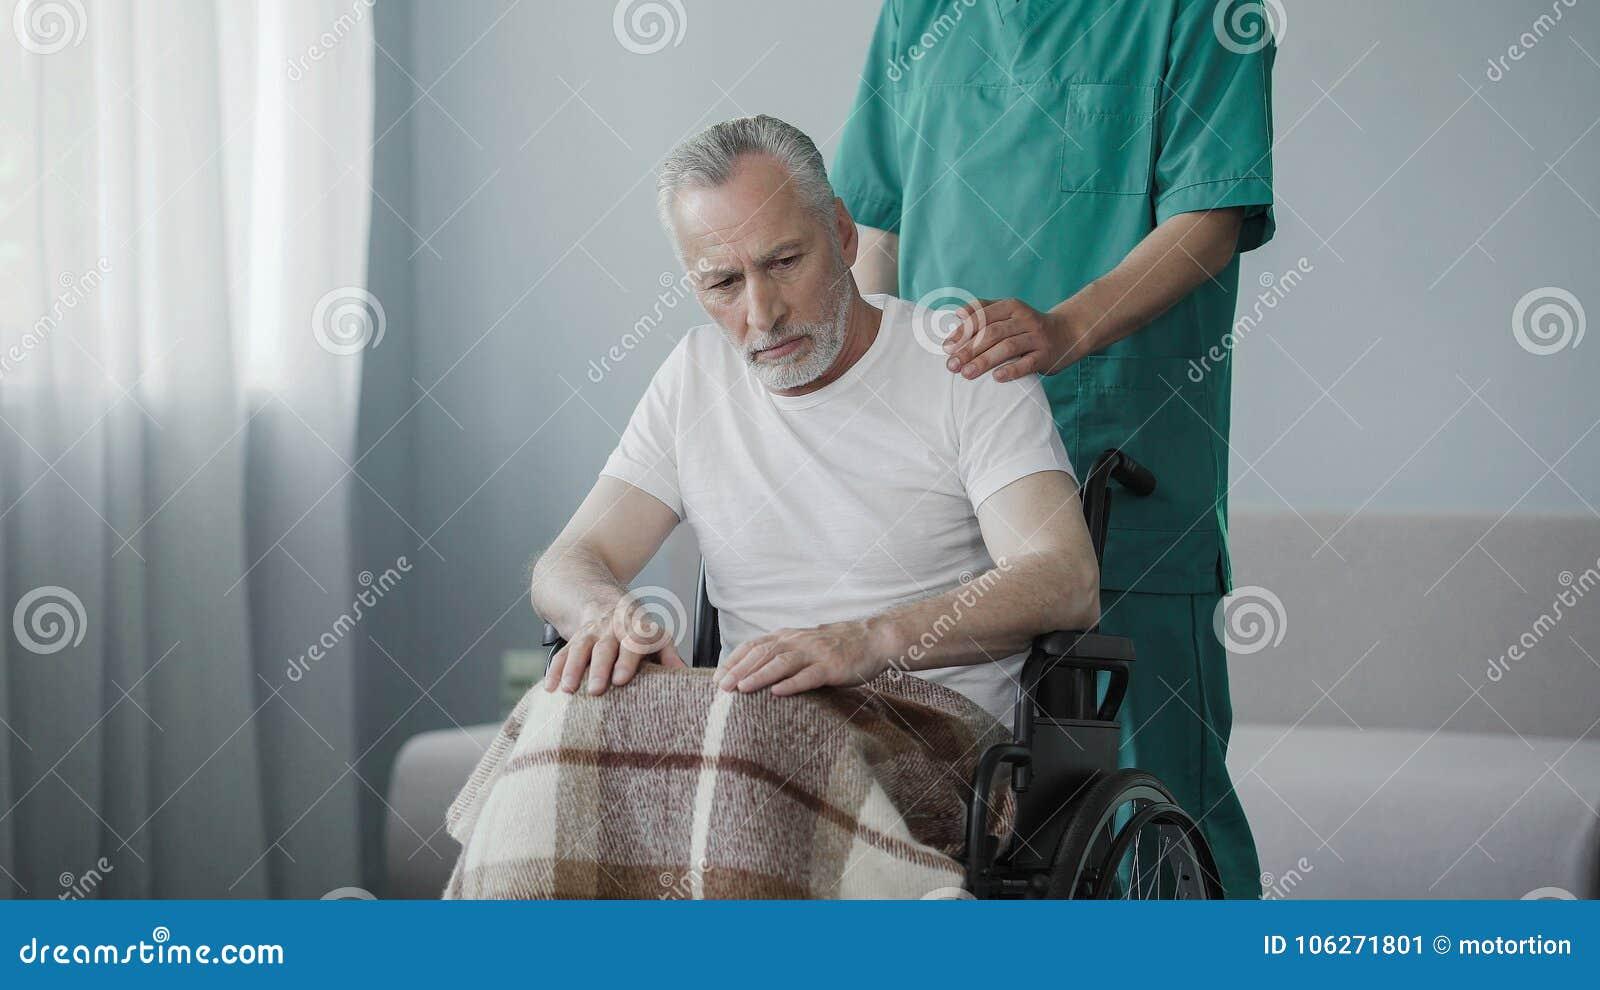 轮椅的被麻痹的领抚恤金者不显示反应给护理的房子雇员